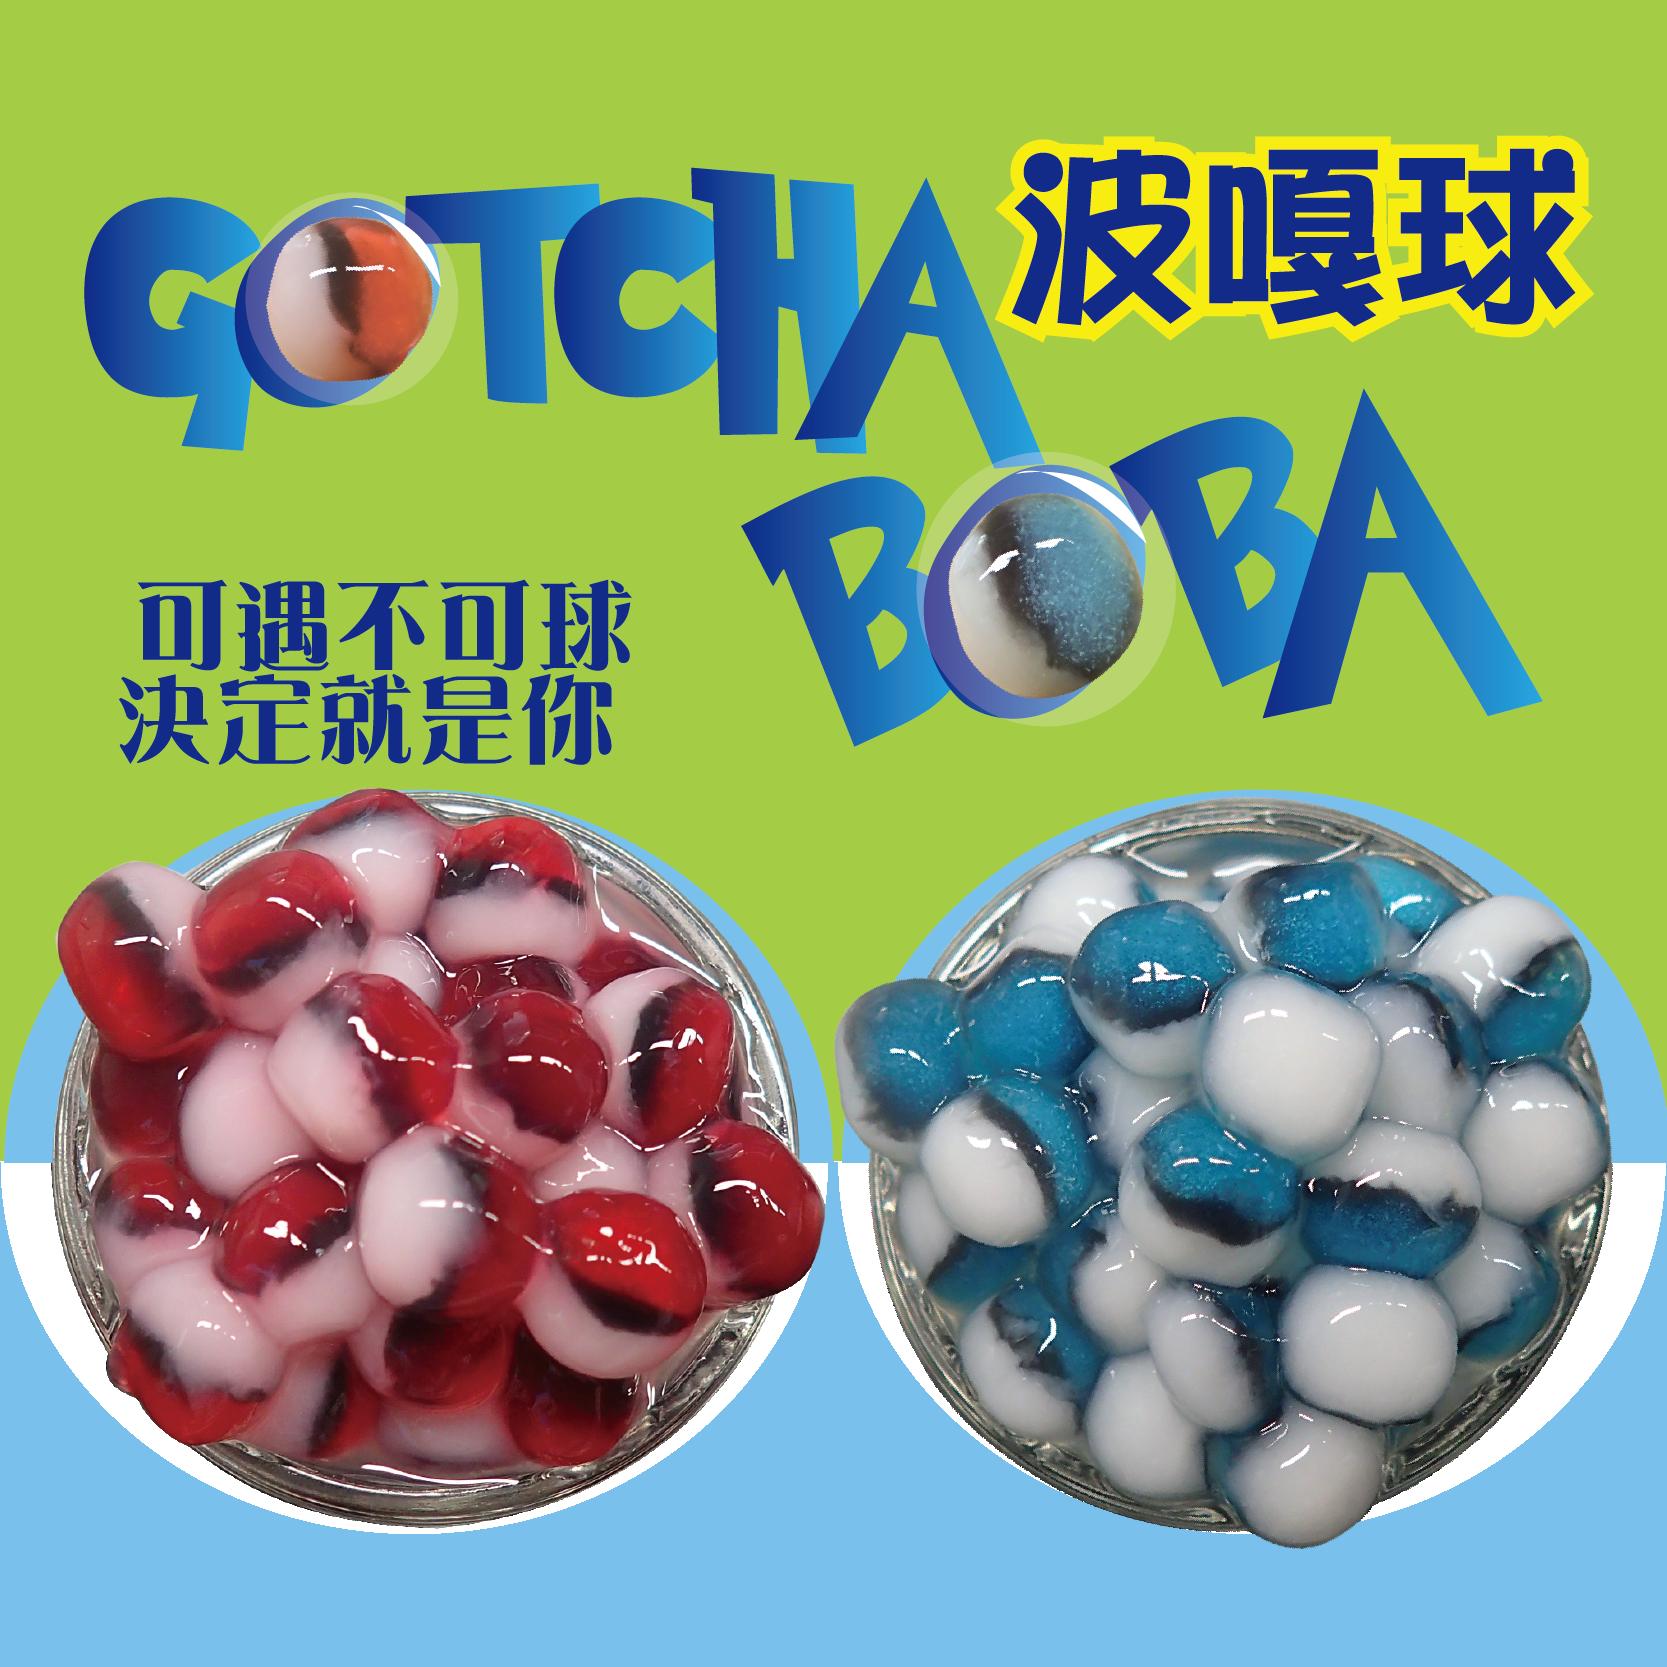 快來補給!!! 波嘎球(紅)-手作珍珠 (400g/盒) 不含防腐劑 冷凍珍珠 冷凍粉圓 寶可夢珍珠